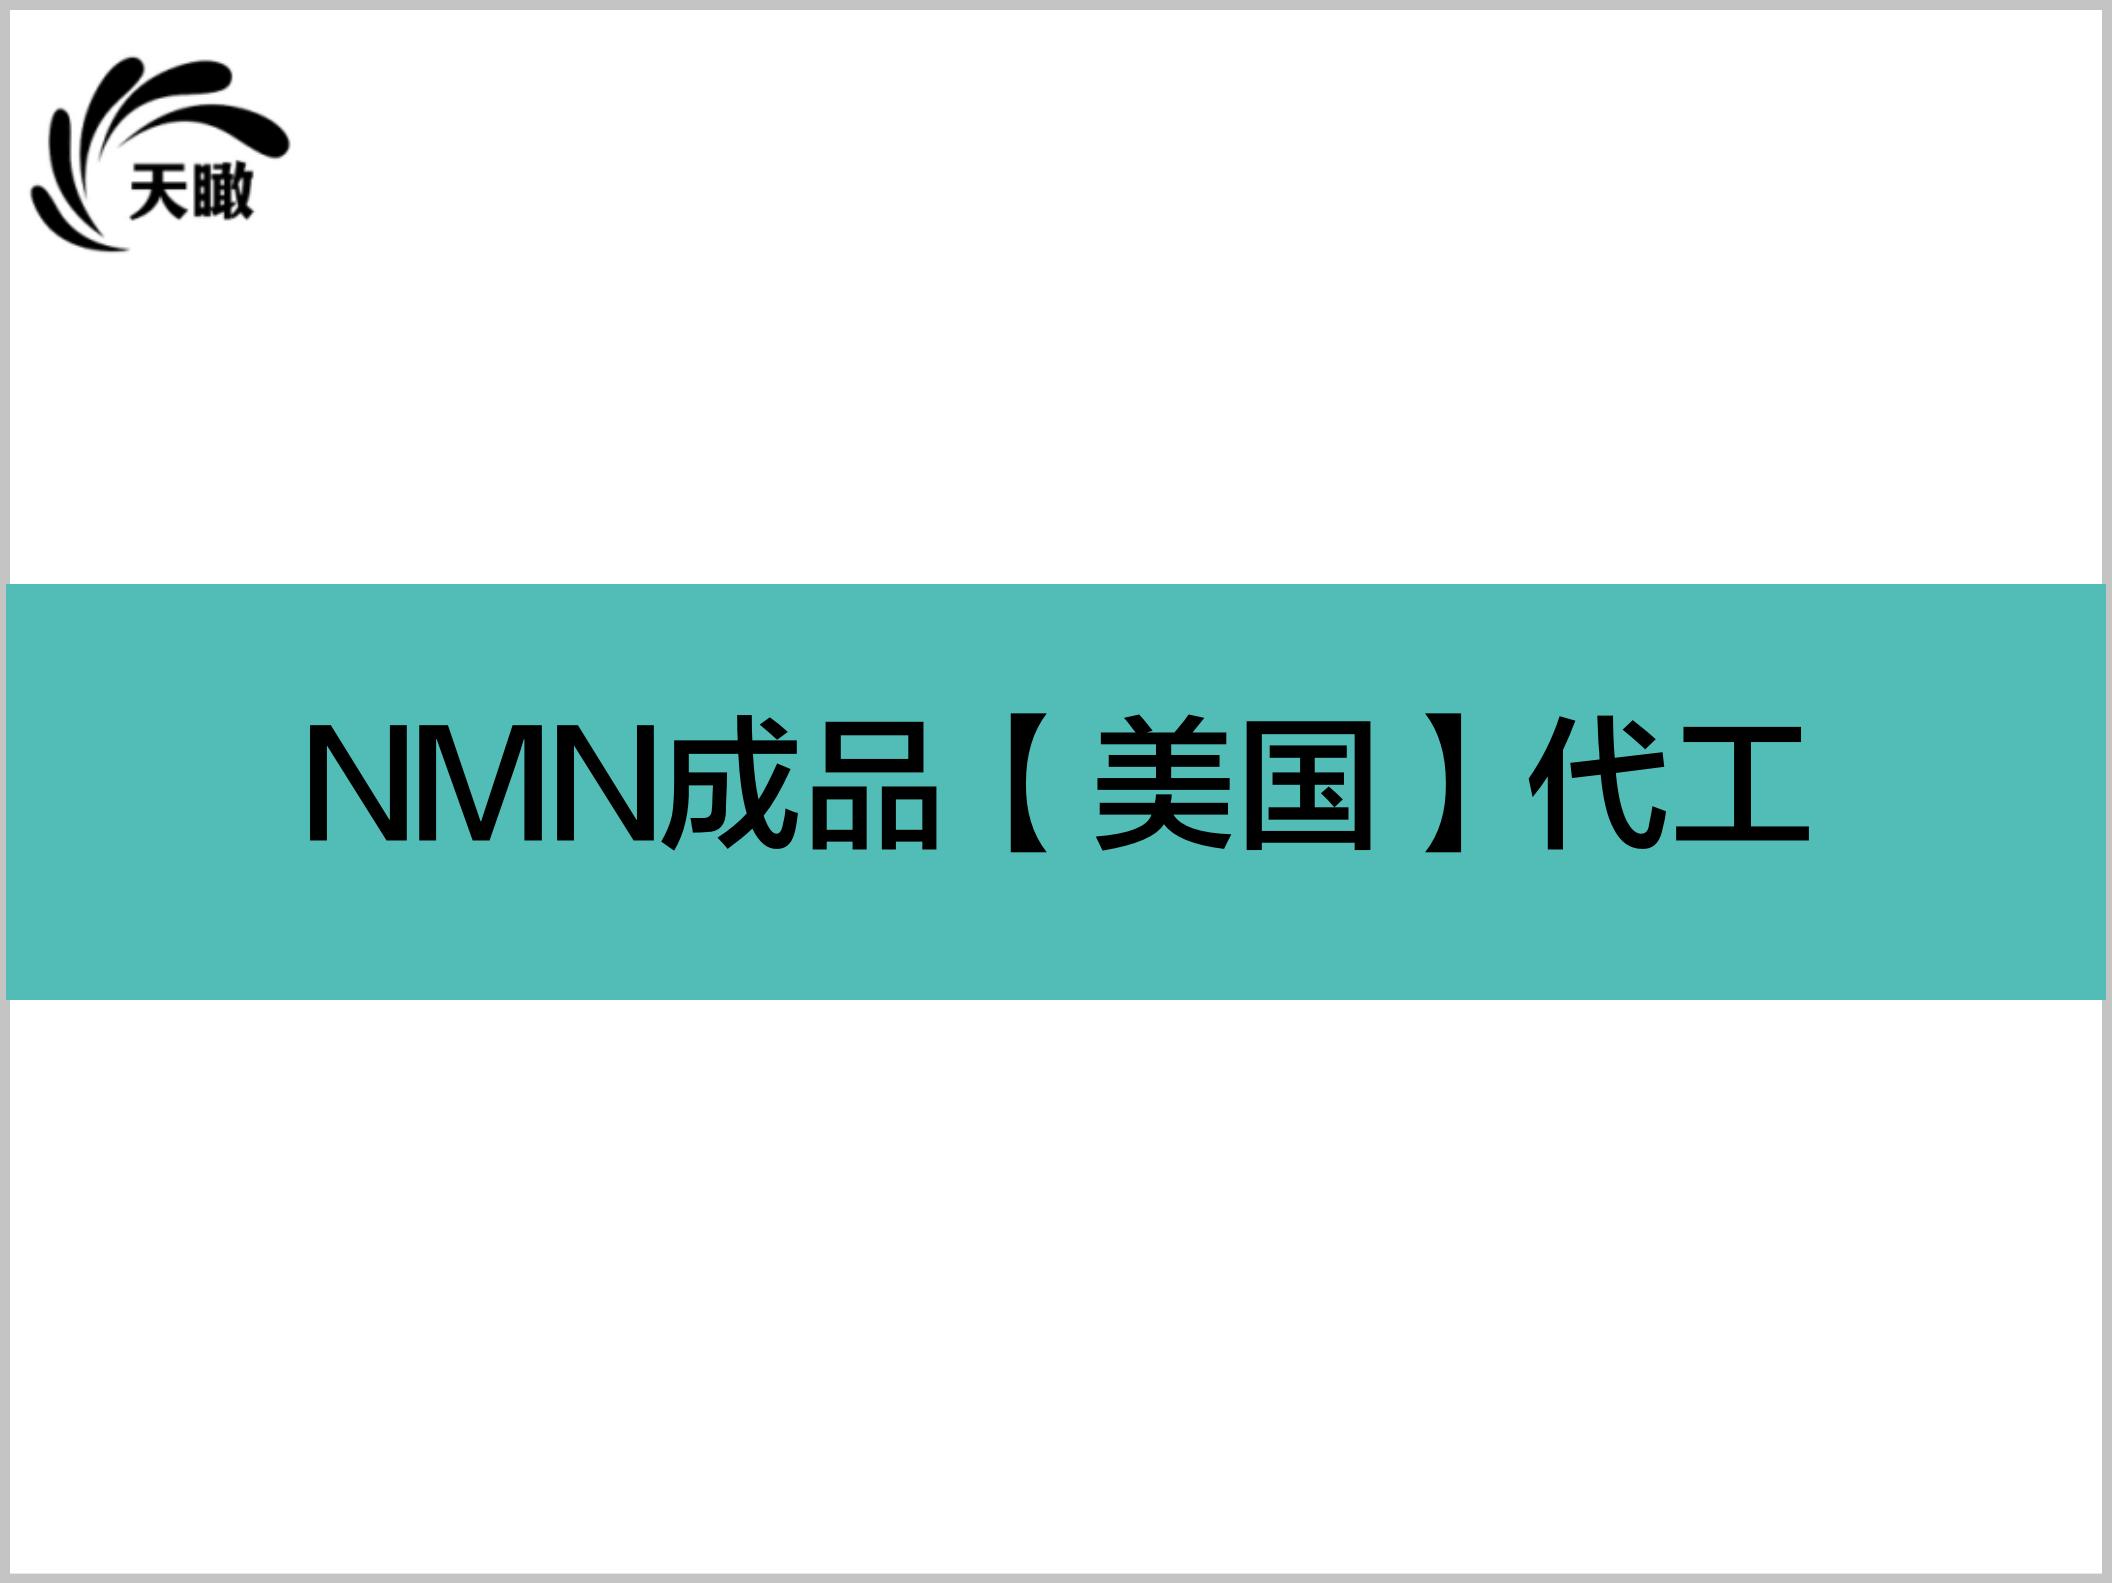 NMN成品【美国】代工